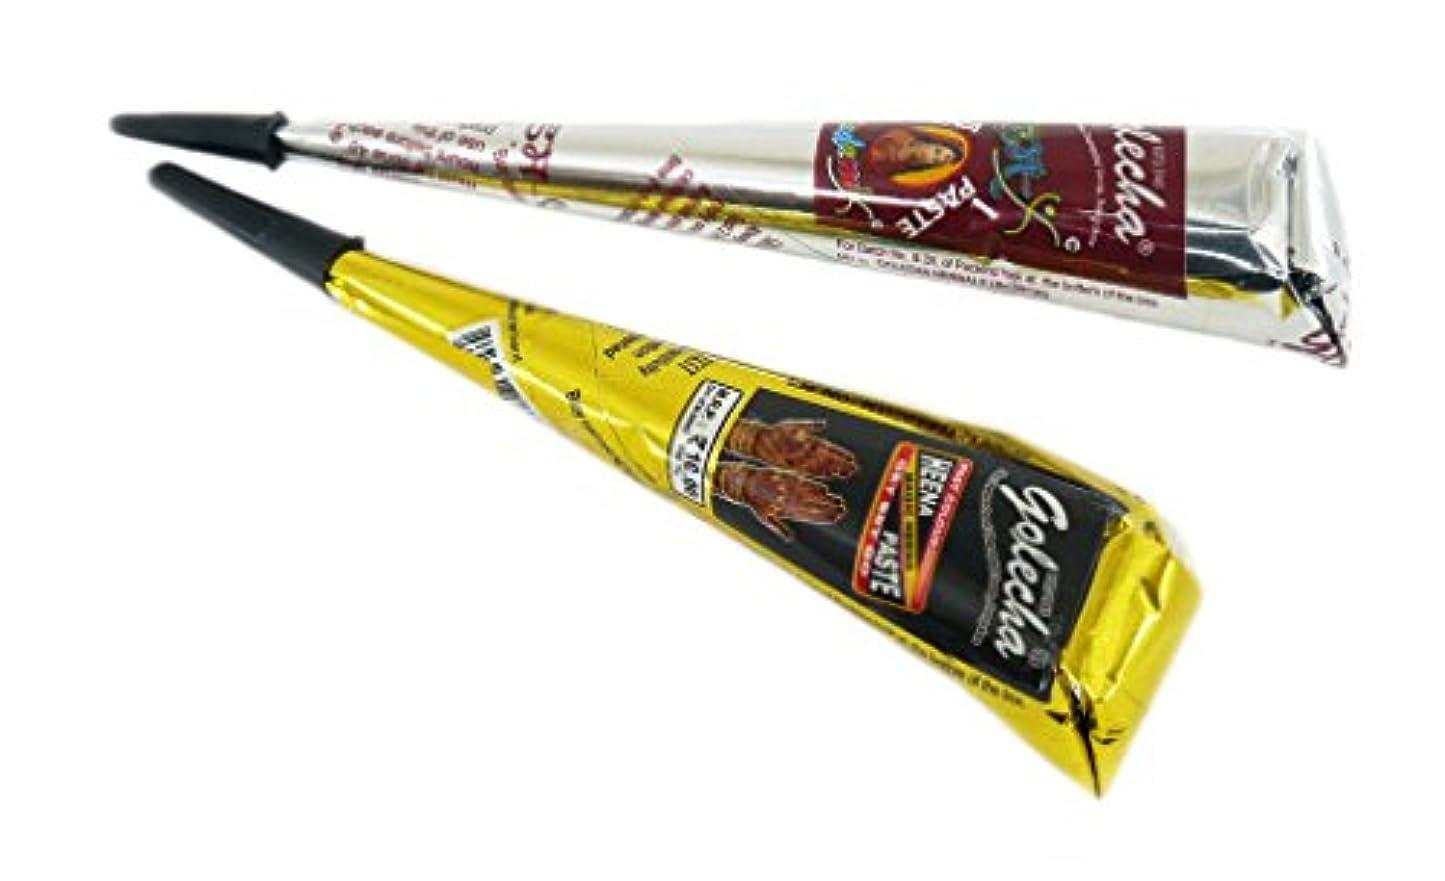 ヘナ タトゥー用 二色セット 一時的な刺青 ブラック オレンジ ヘナ タトゥーペースト 長持ち一週間 チューブタイプ henna タトゥーペン